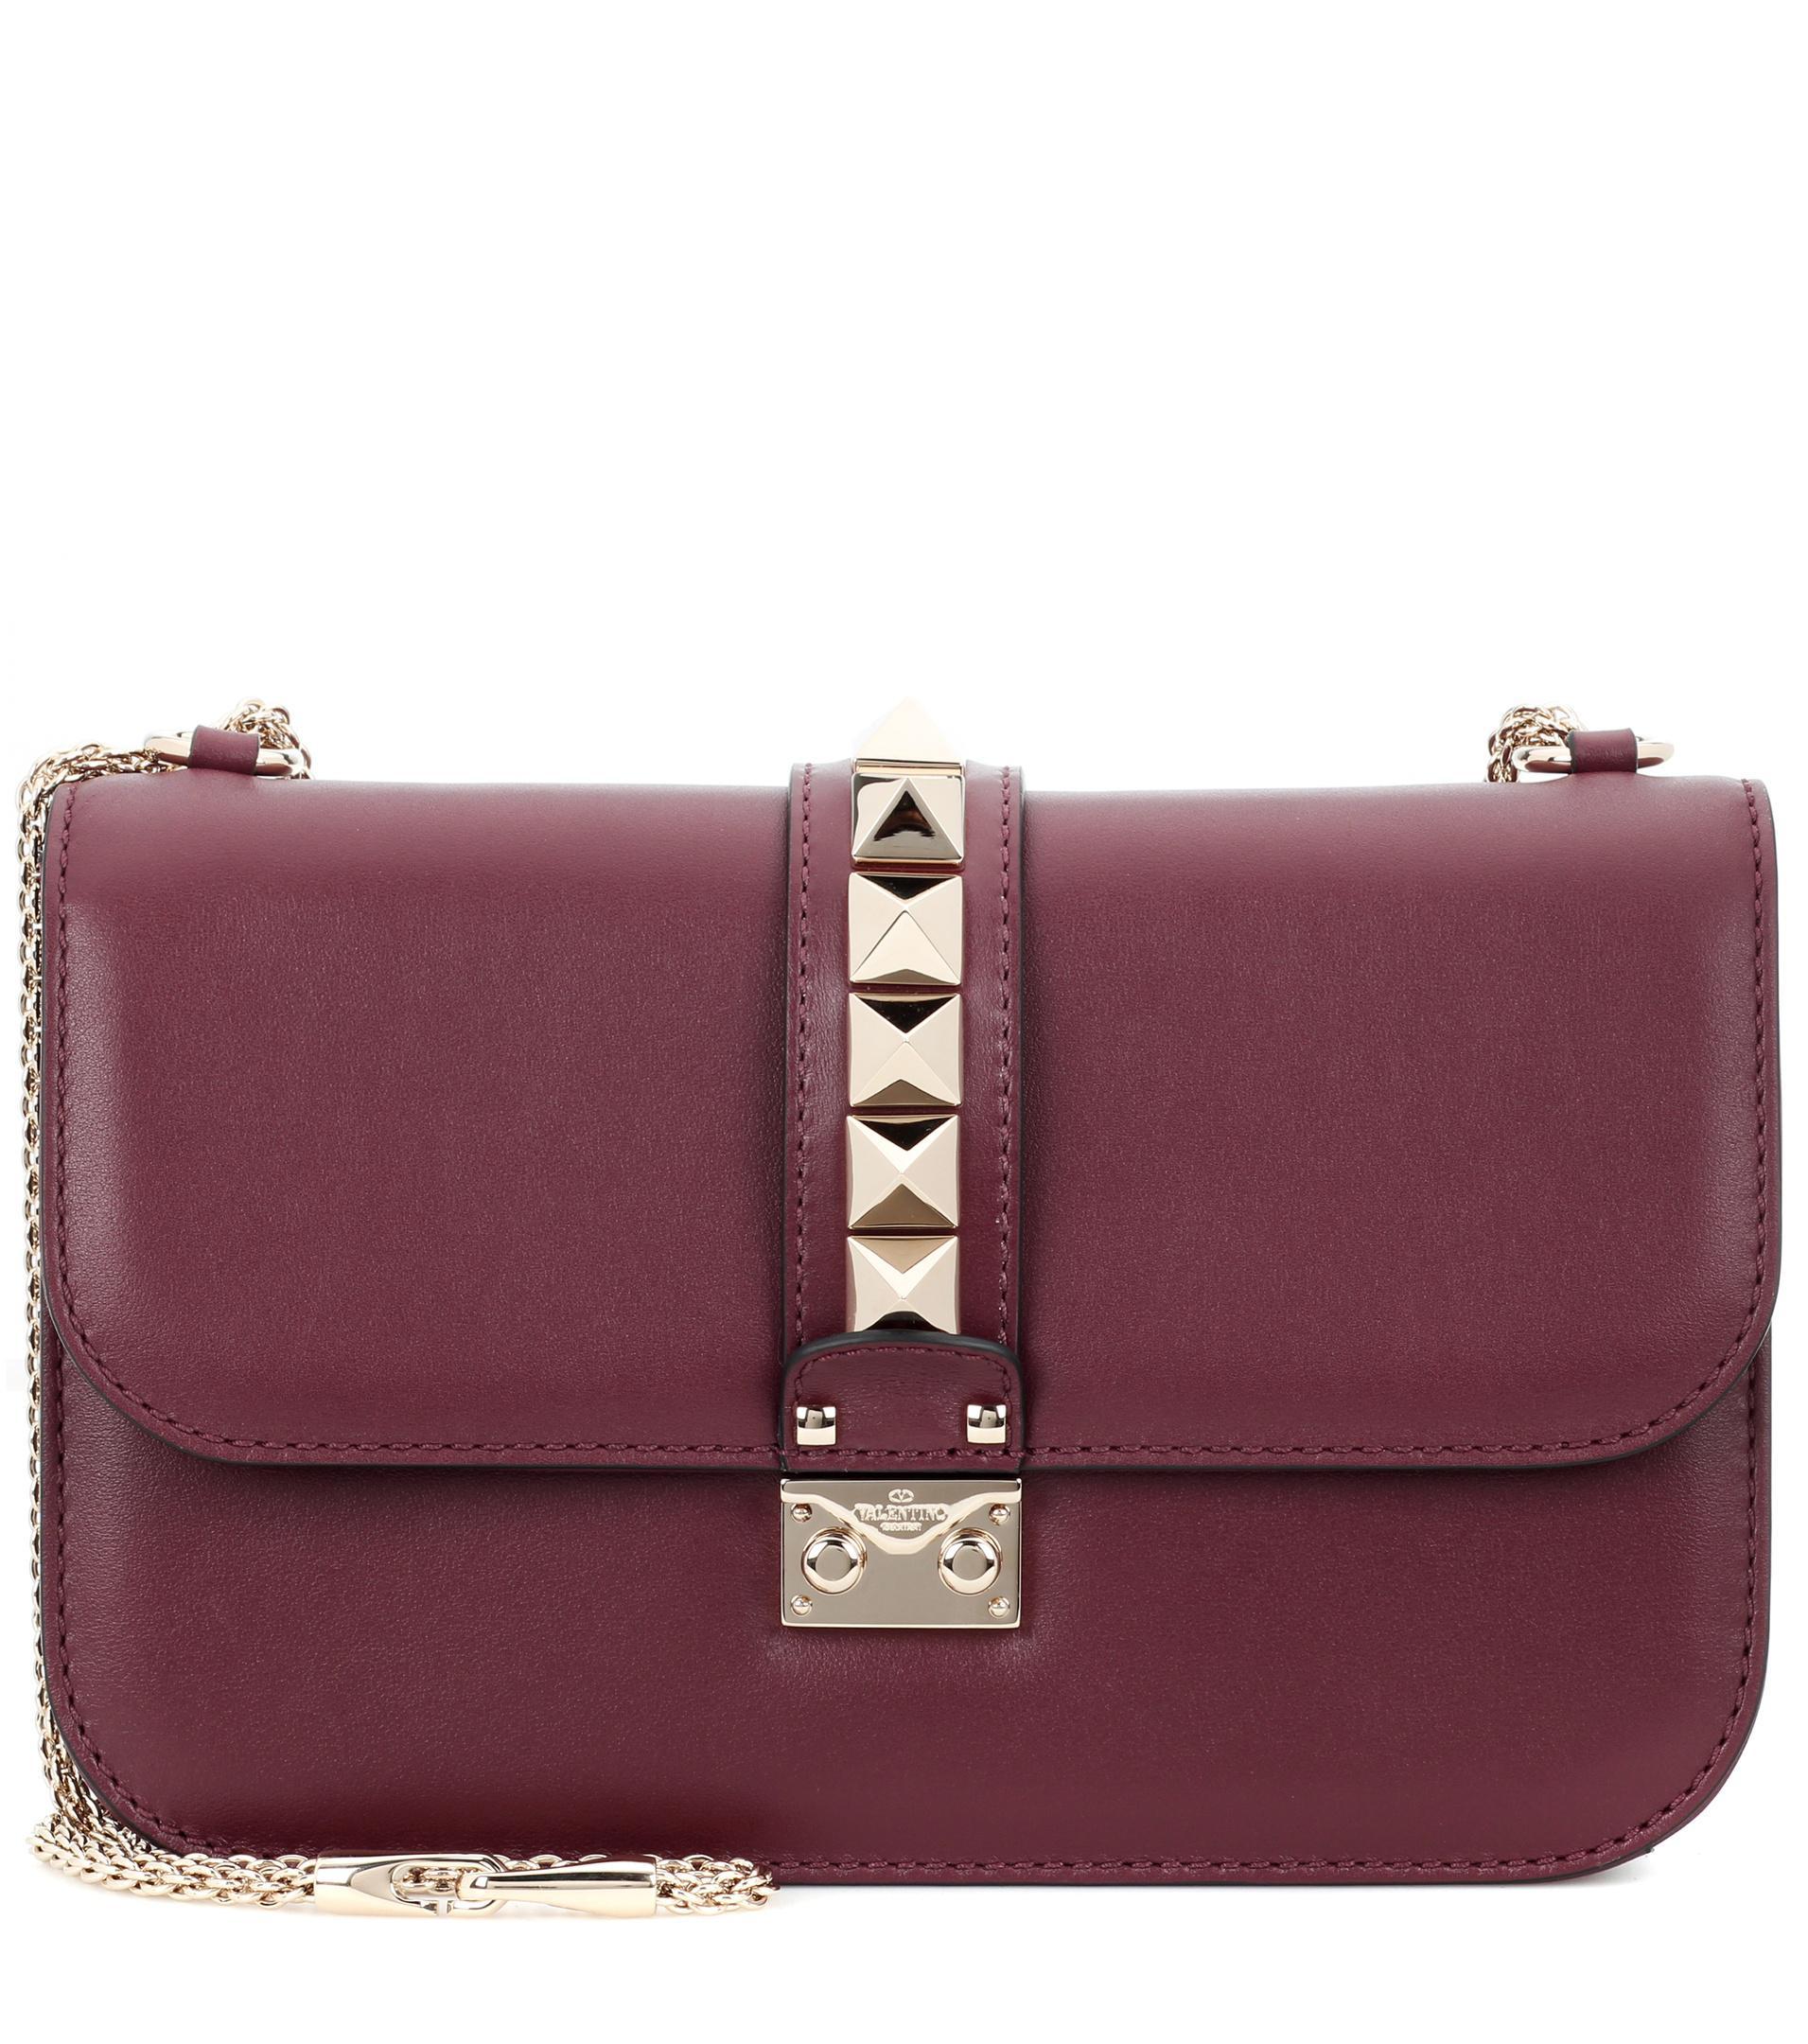 lyst valentino garavani lock medium leather shoulder bag in red. Black Bedroom Furniture Sets. Home Design Ideas